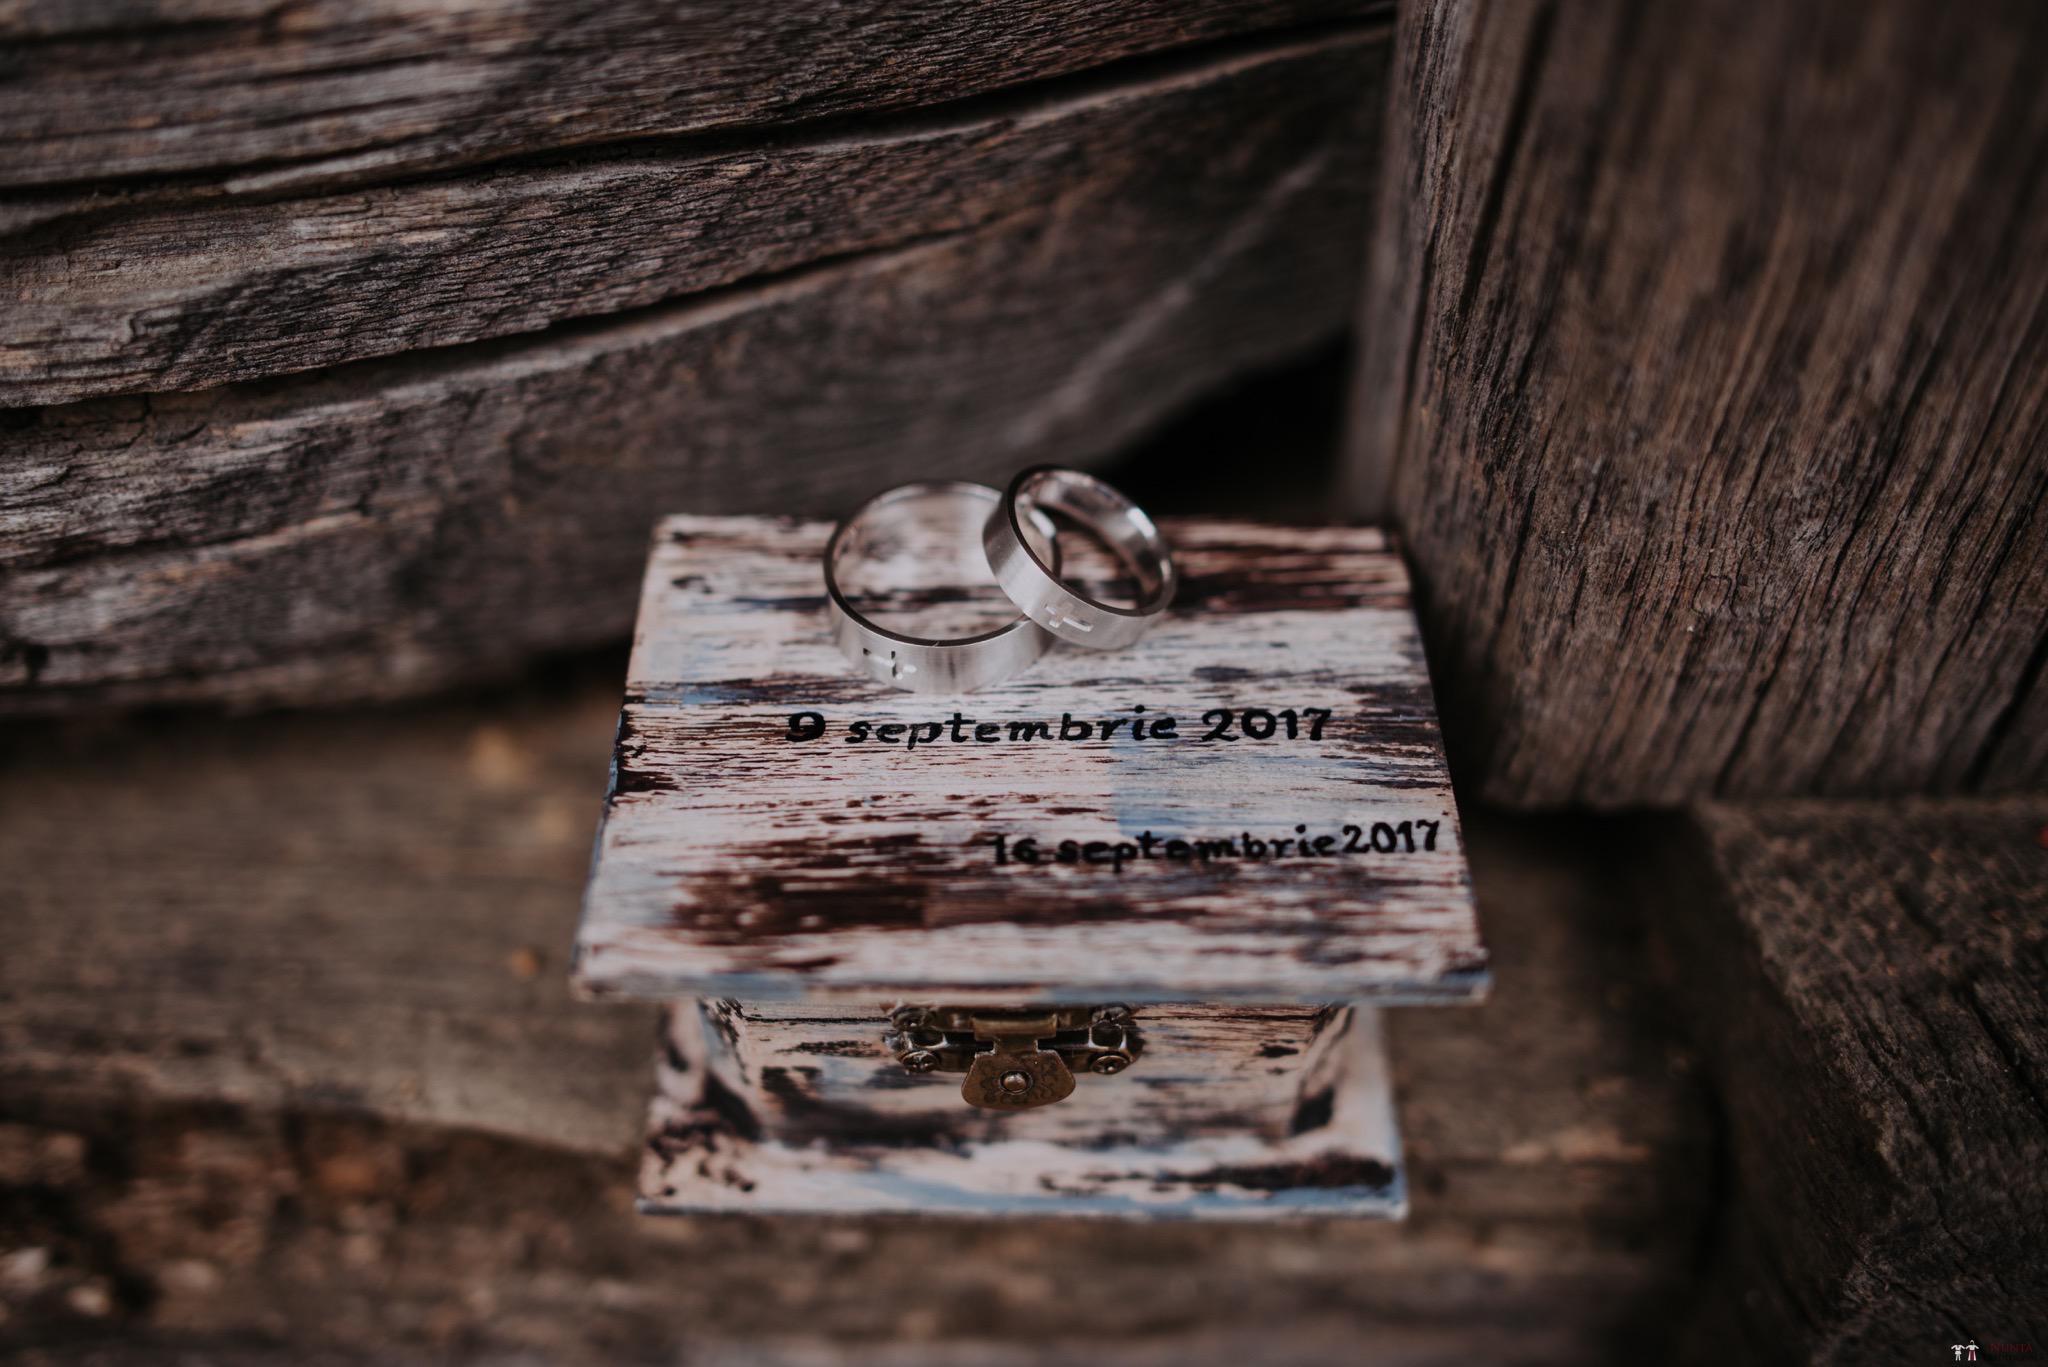 Povești Nunți Tradiționale - Silvia și Adrian. Nuntă tradițională în Ghighișeni, Bihor 9